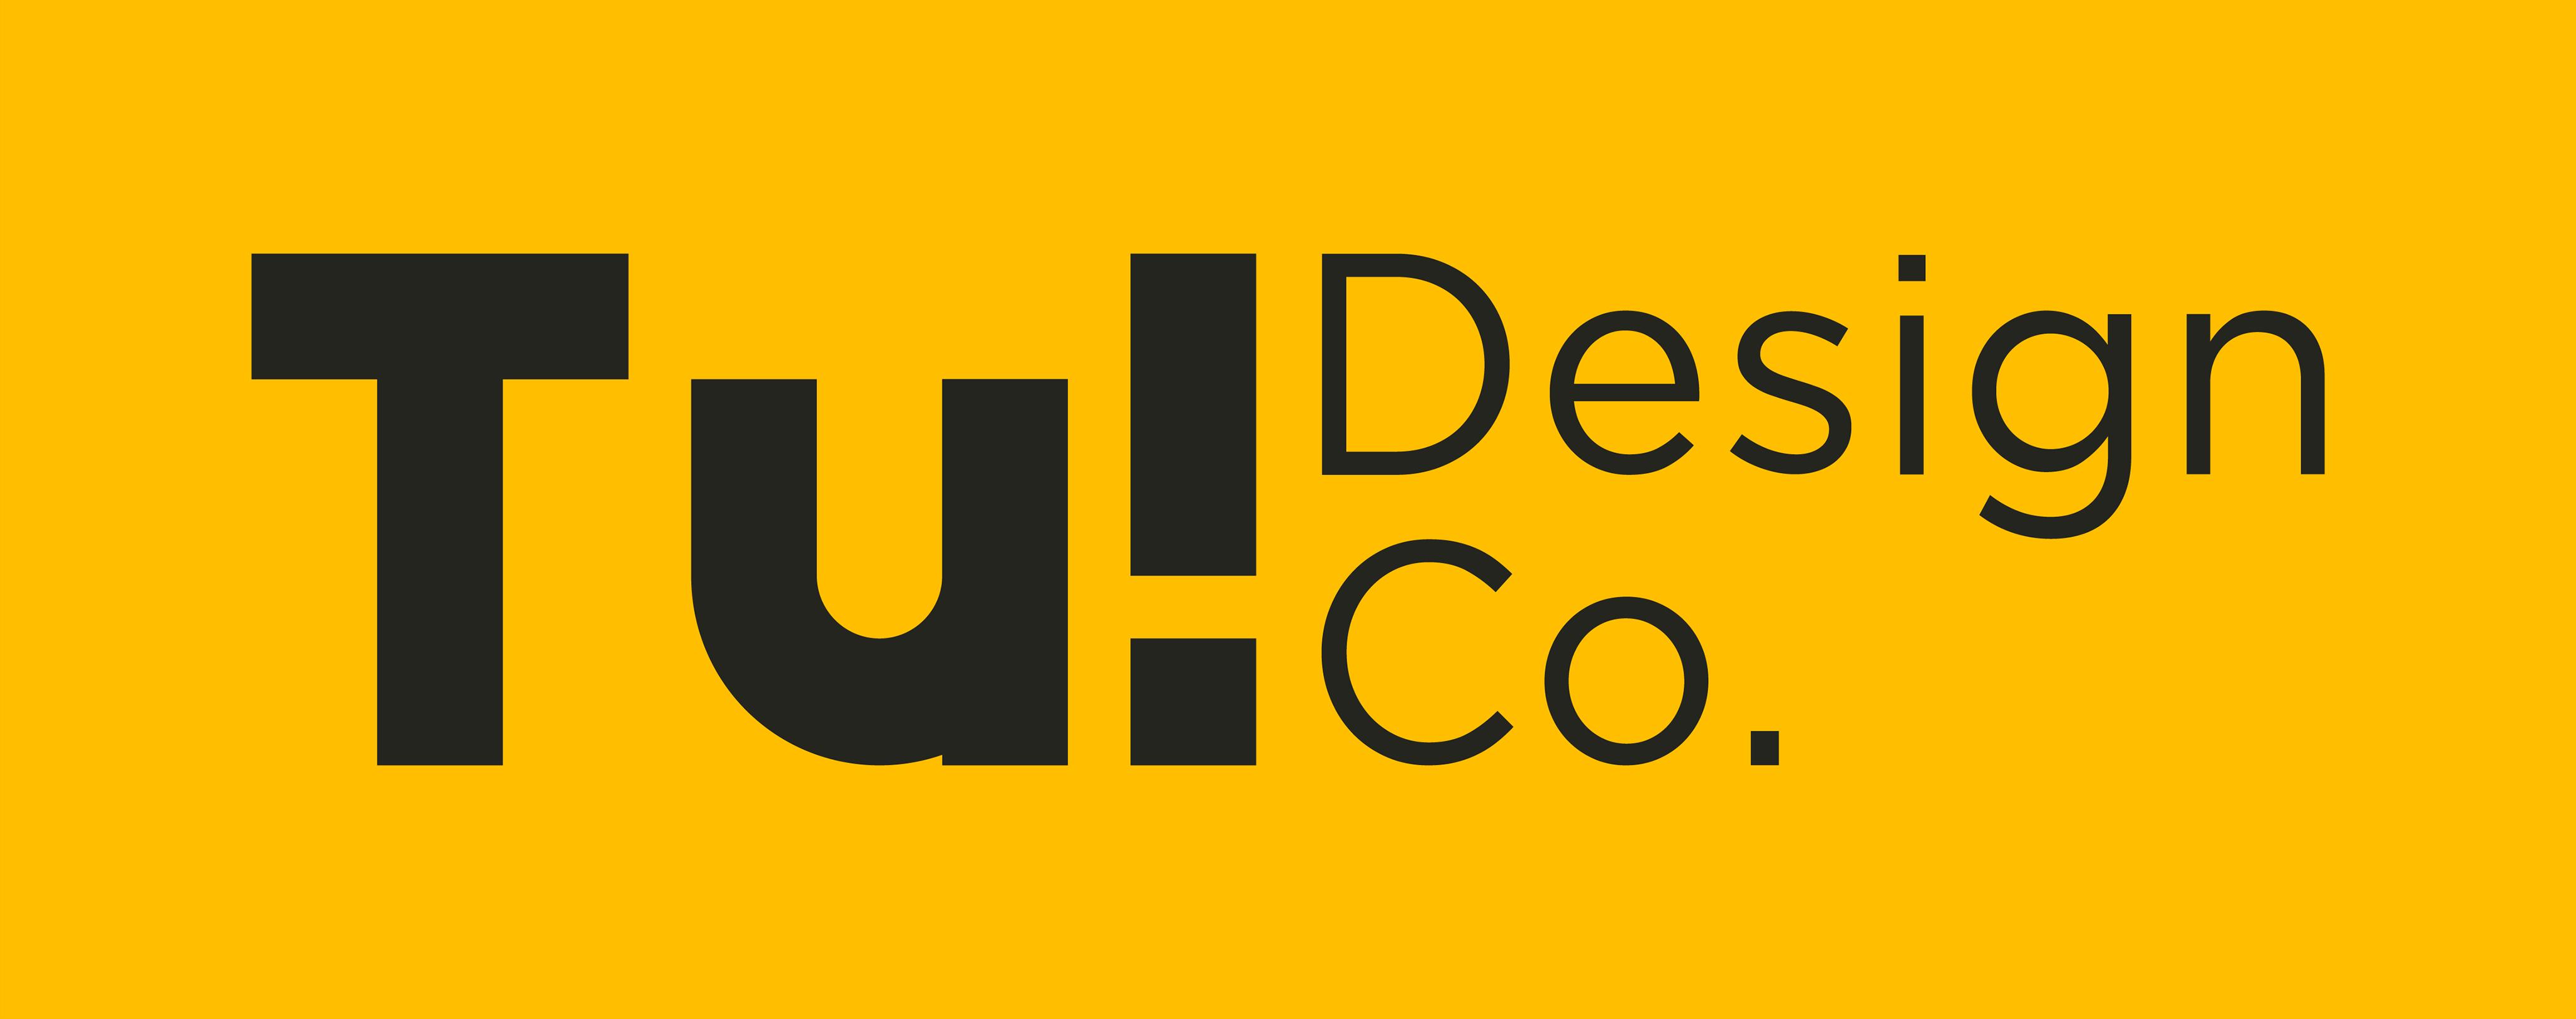 Tu! Design Co.